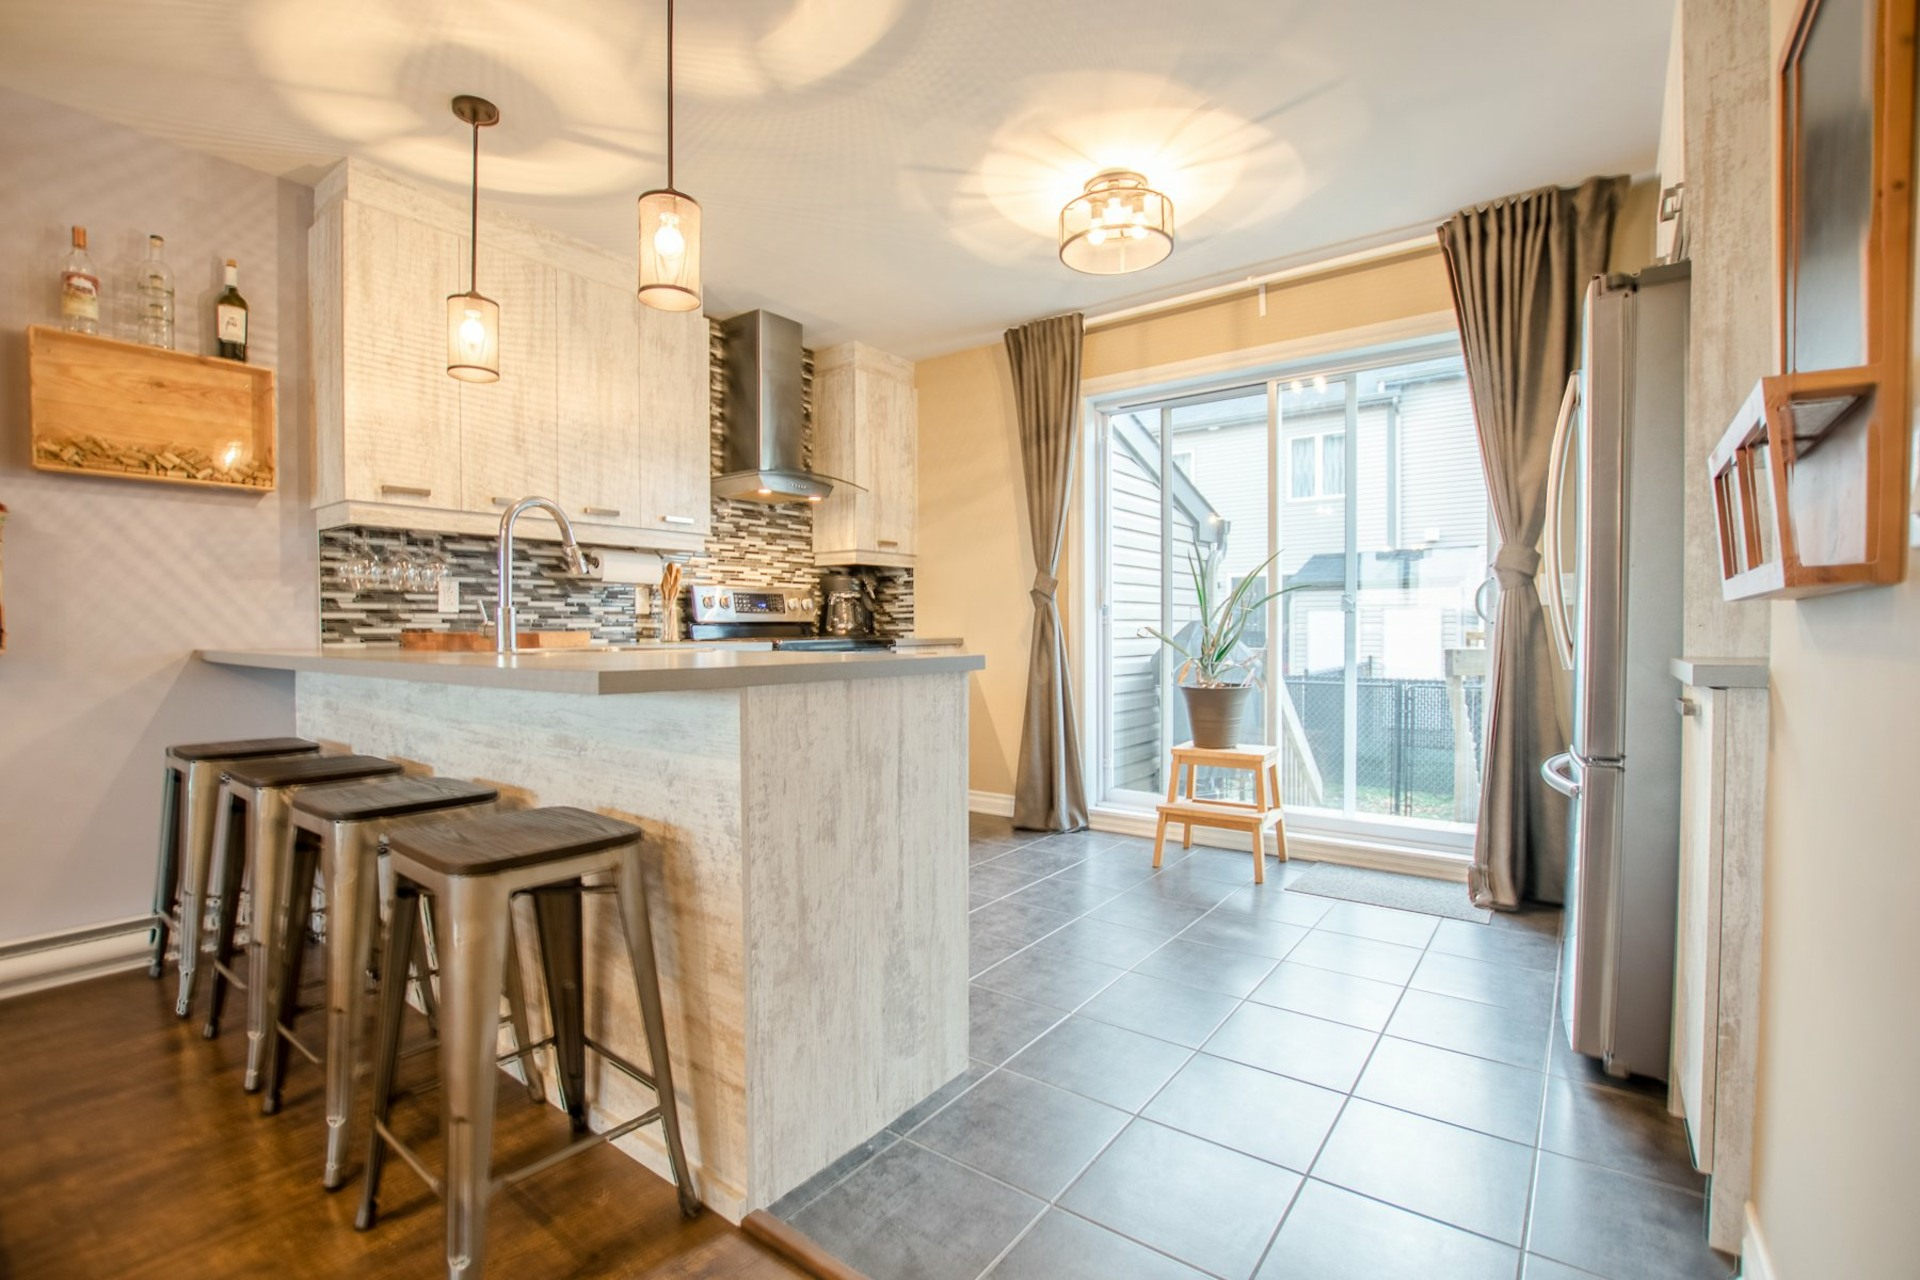 image 3 - MX - Casa sola - MX En venta Saint-Rémi - 11 habitaciones